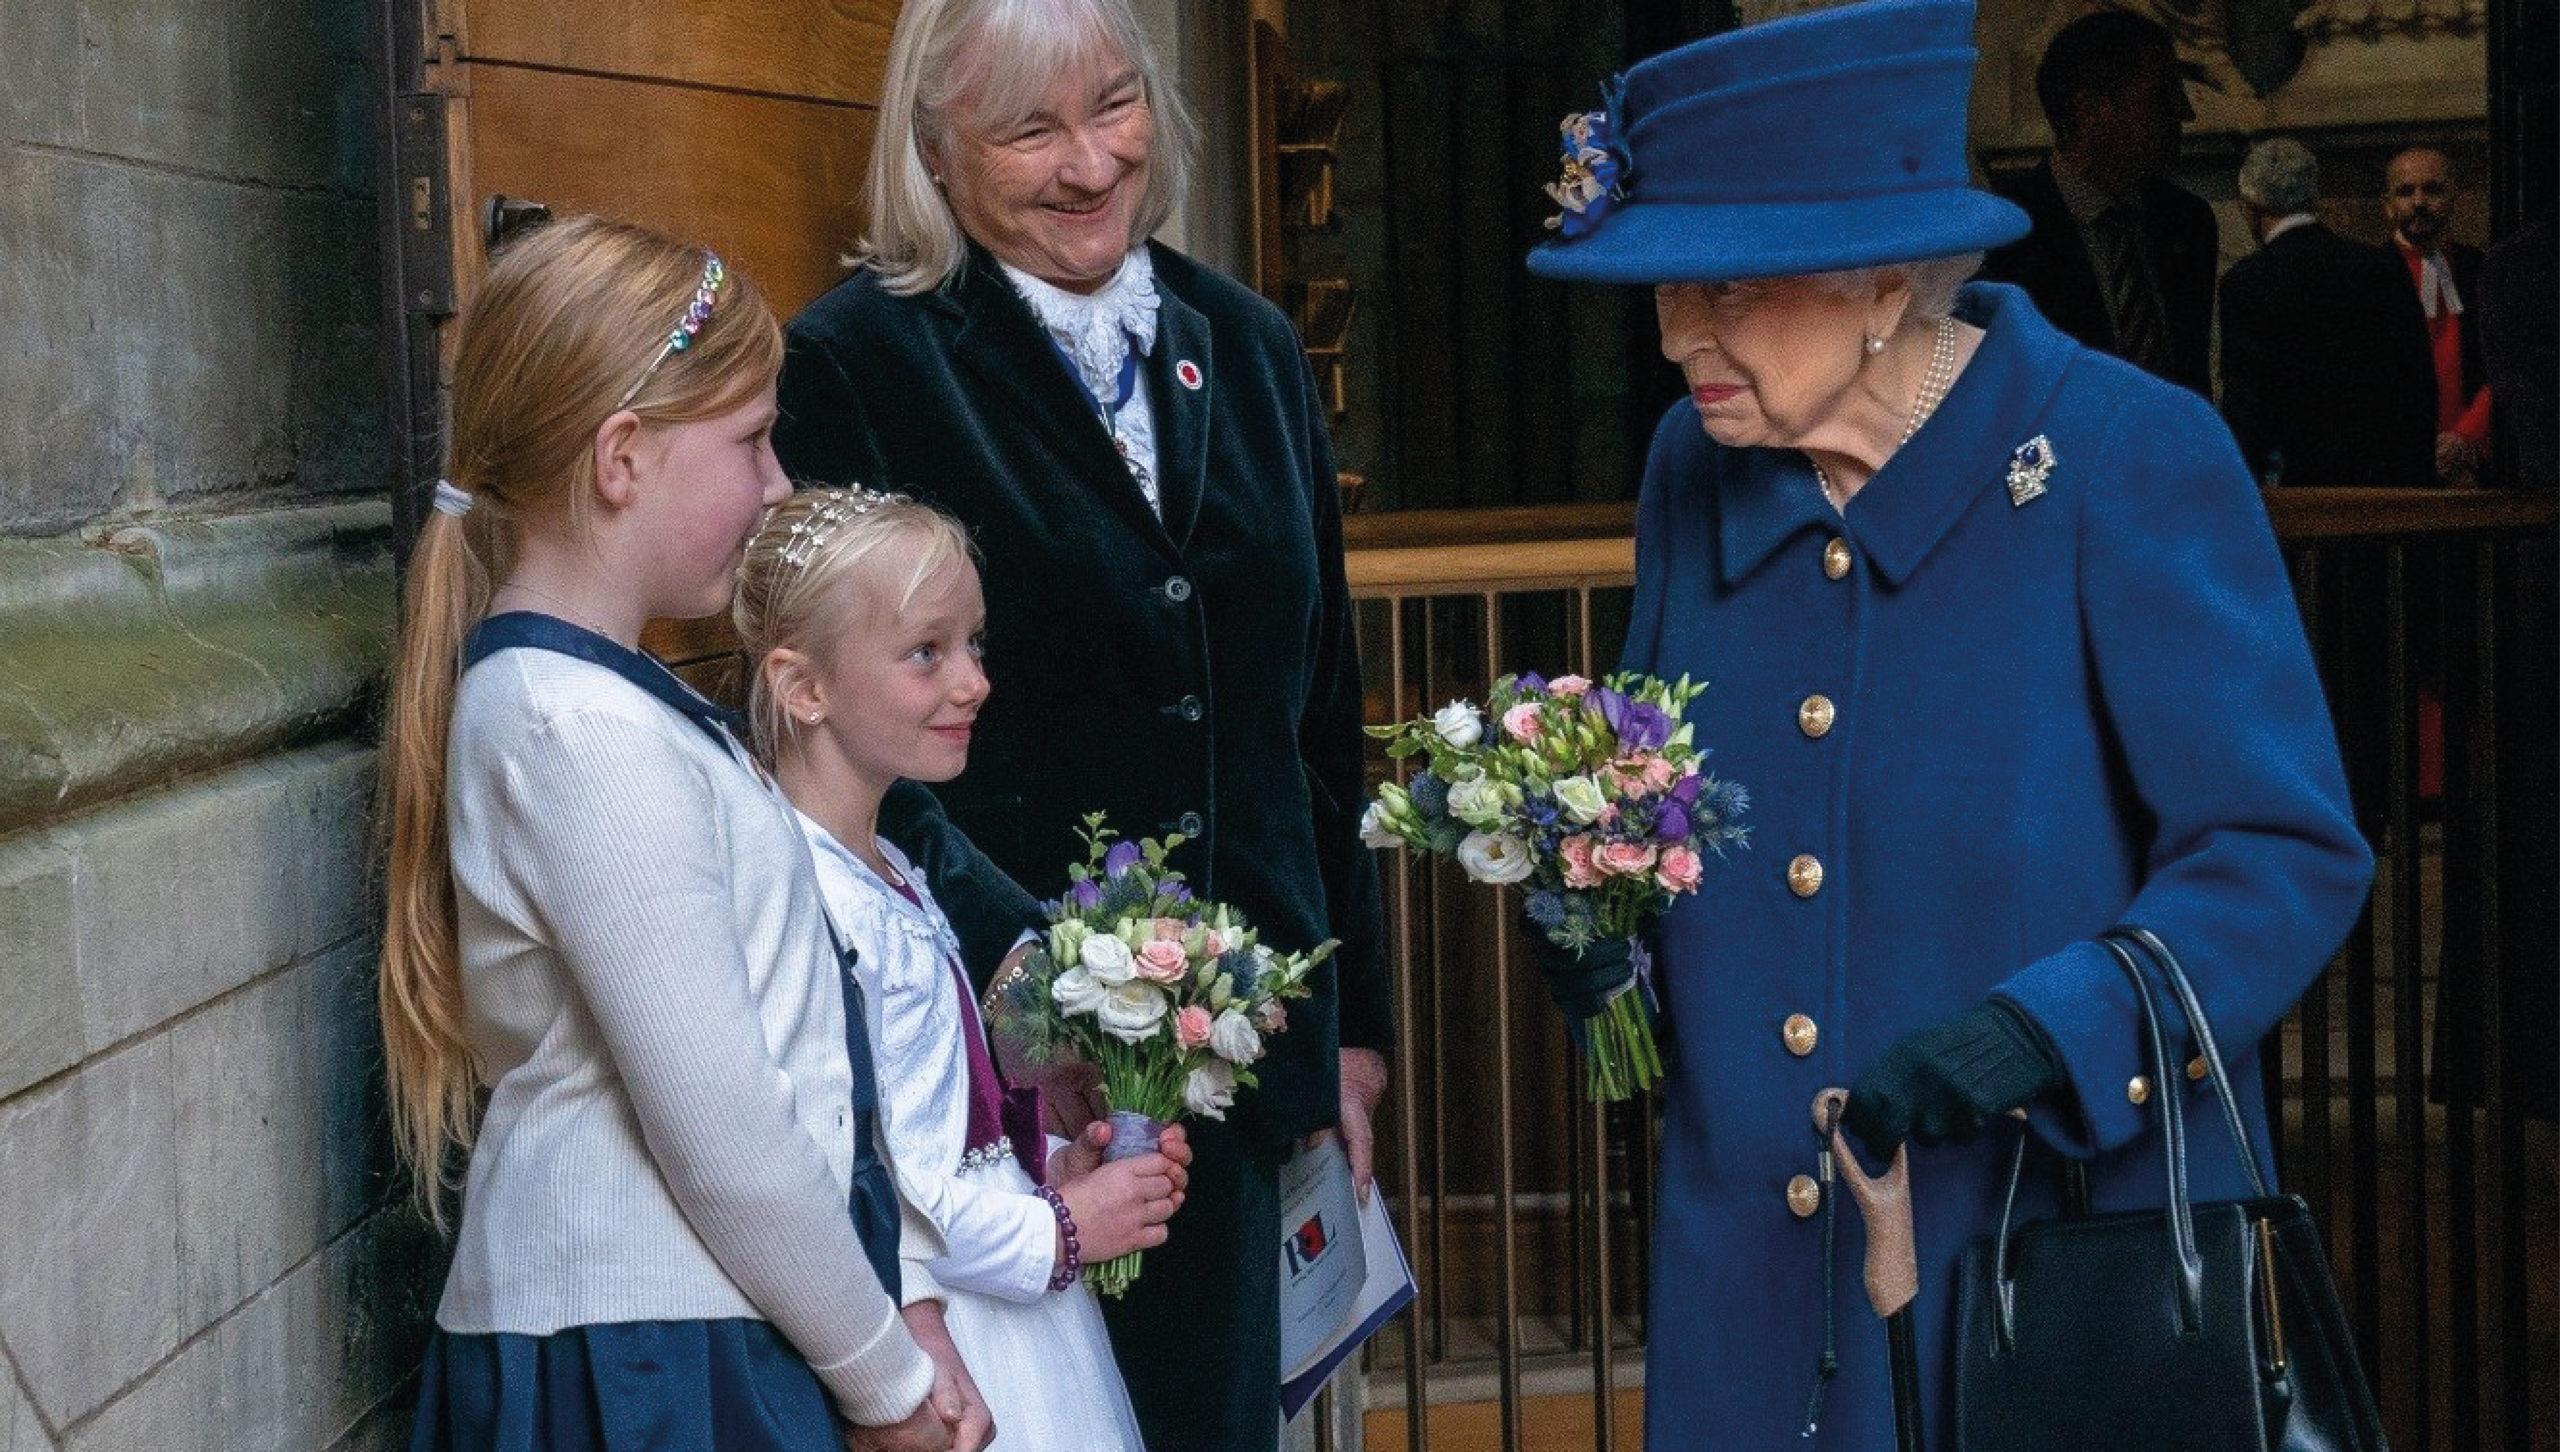 A sus 95, reina Isabel usa un bastón por primera vez en un acto público